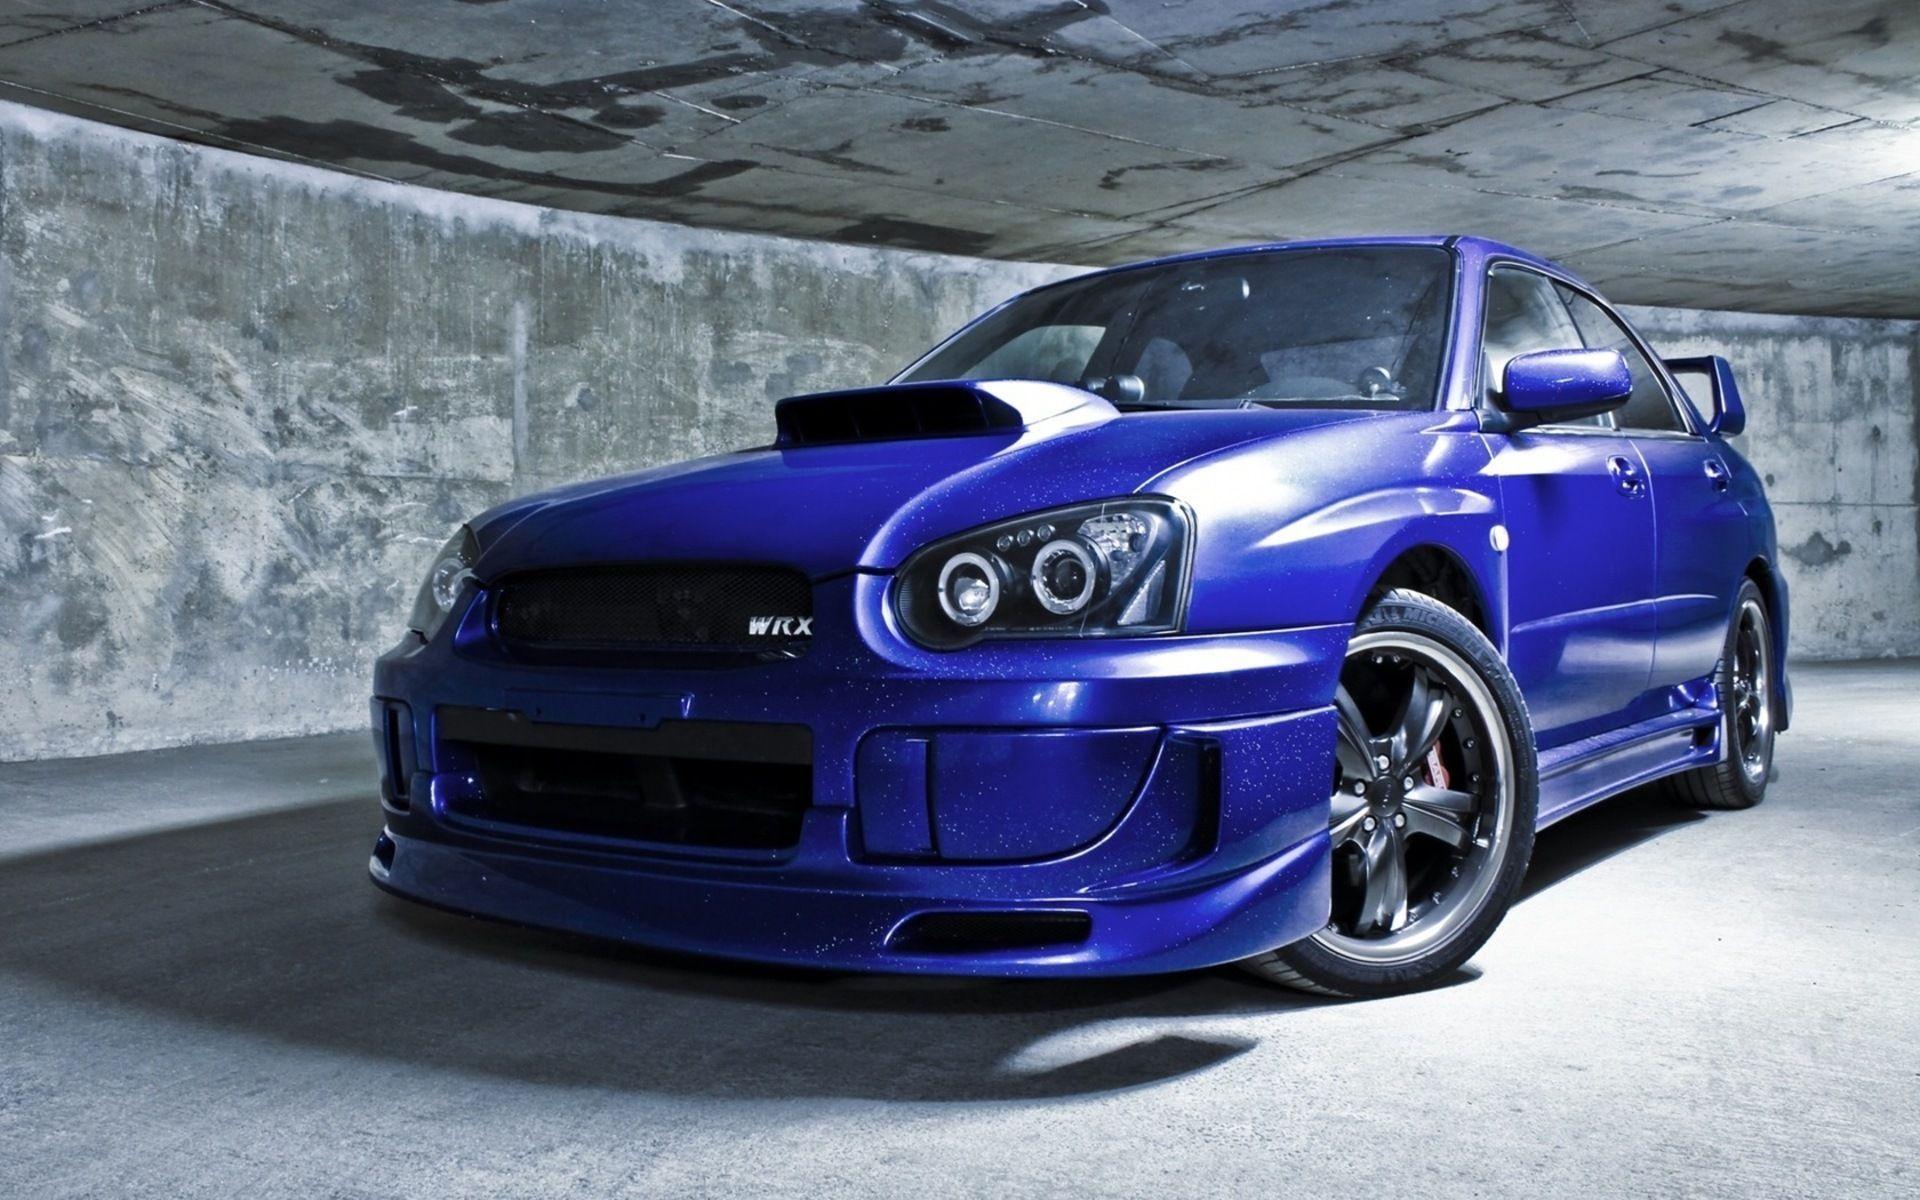 Subaru impreza wrx on snow hd desktop wallpaper high definition subaru wallpaper wallpapers